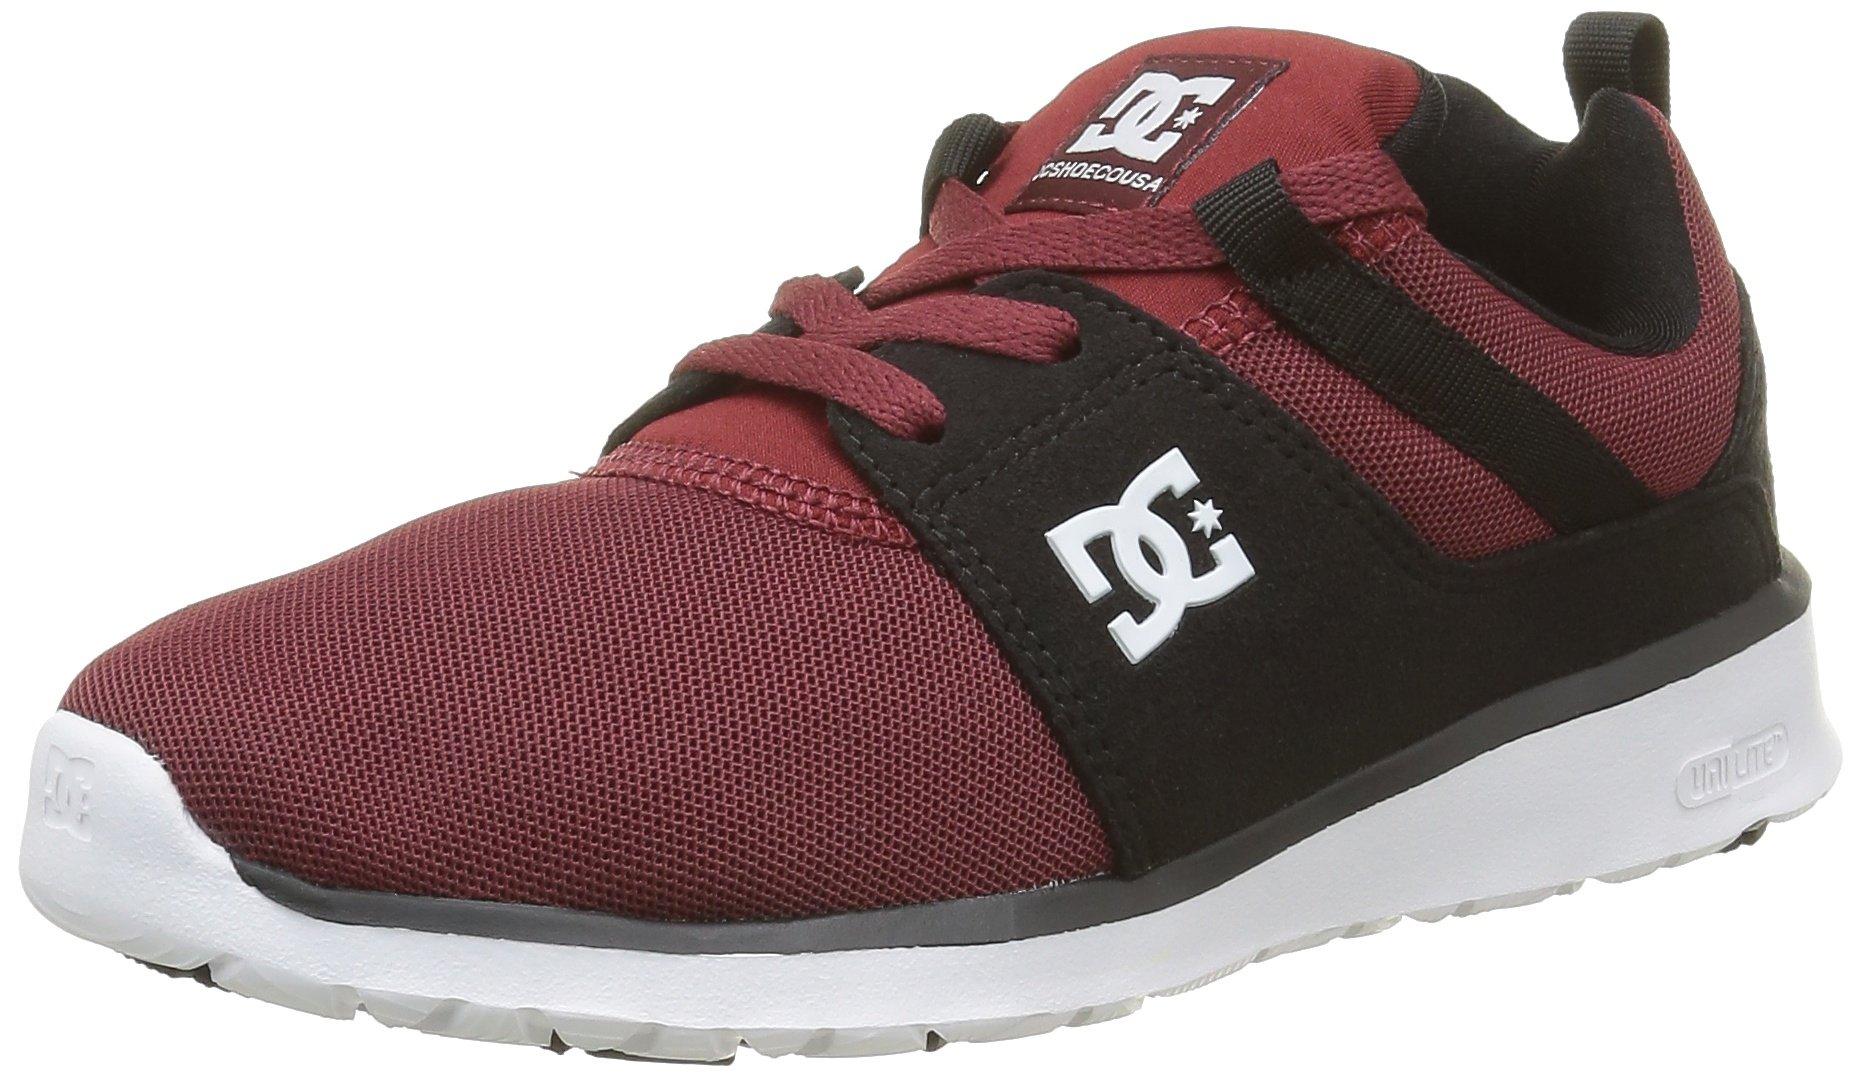 HommesRougechi36 Dc HeathrowBaskets Dc Dc Eu Shoes Eu Shoes HommesRougechi36 HeathrowBaskets Shoes l13FcuTKJ